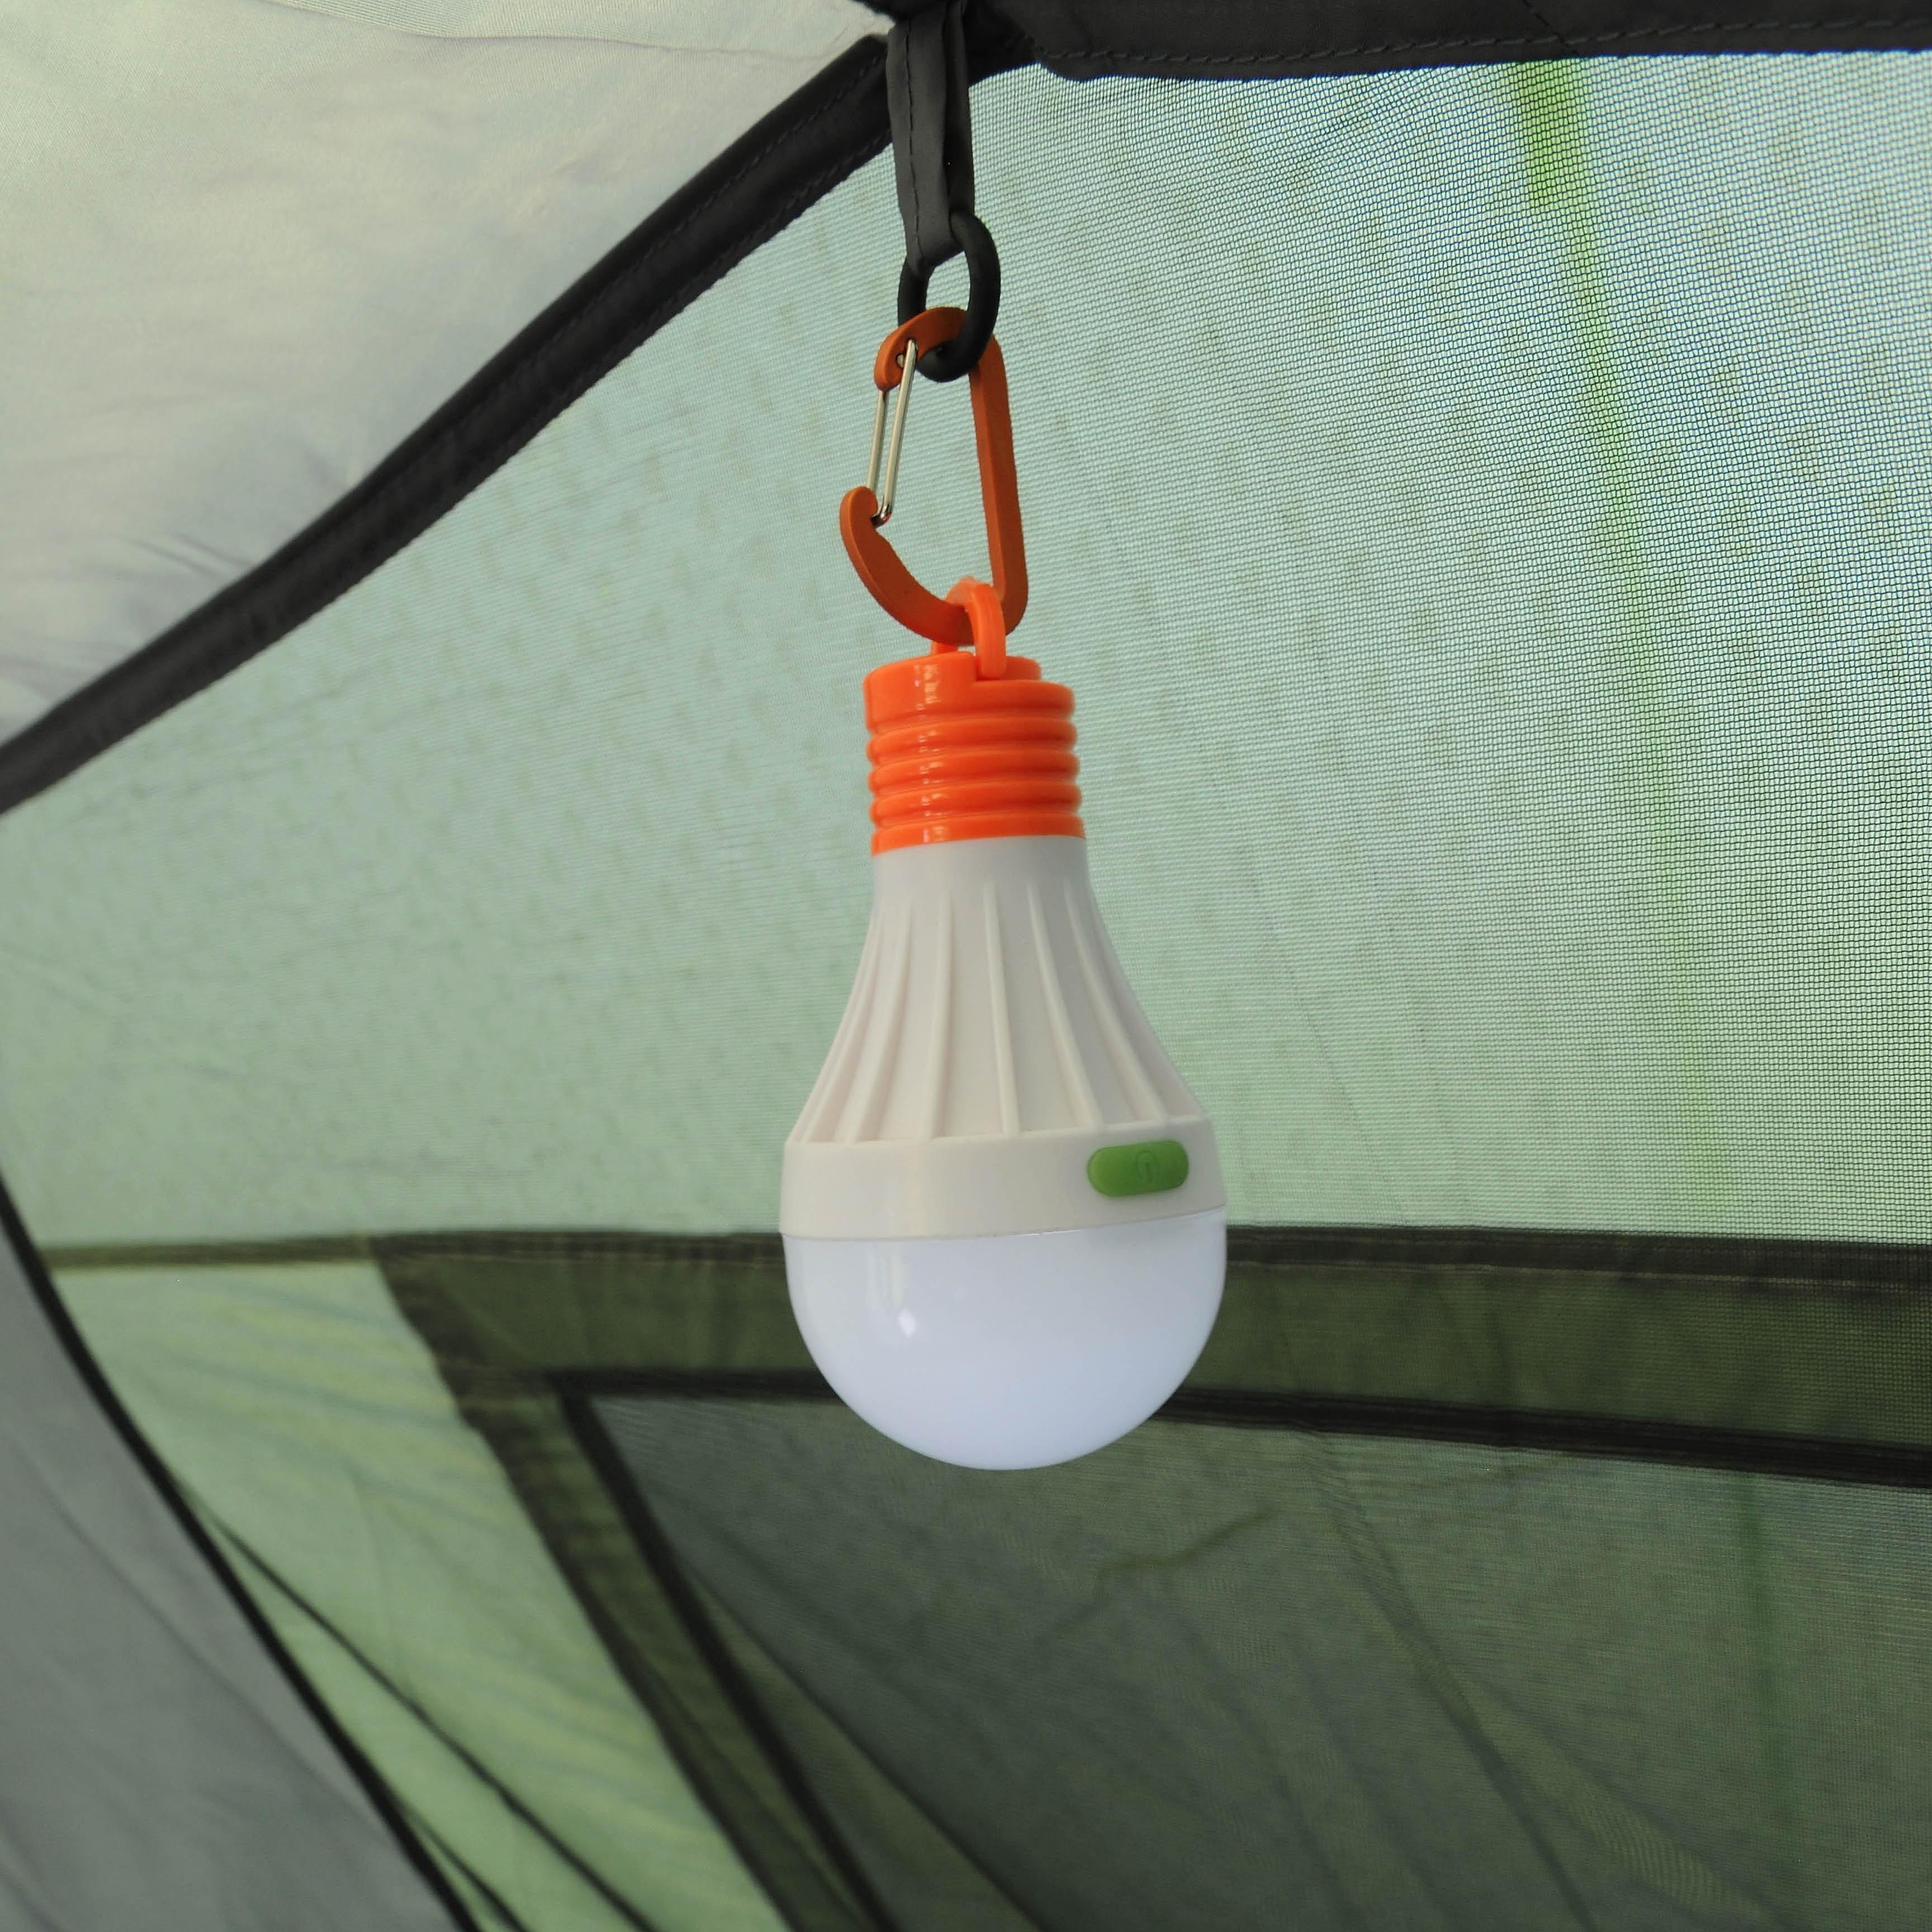 EUROHIKE 1W LED Orb Light